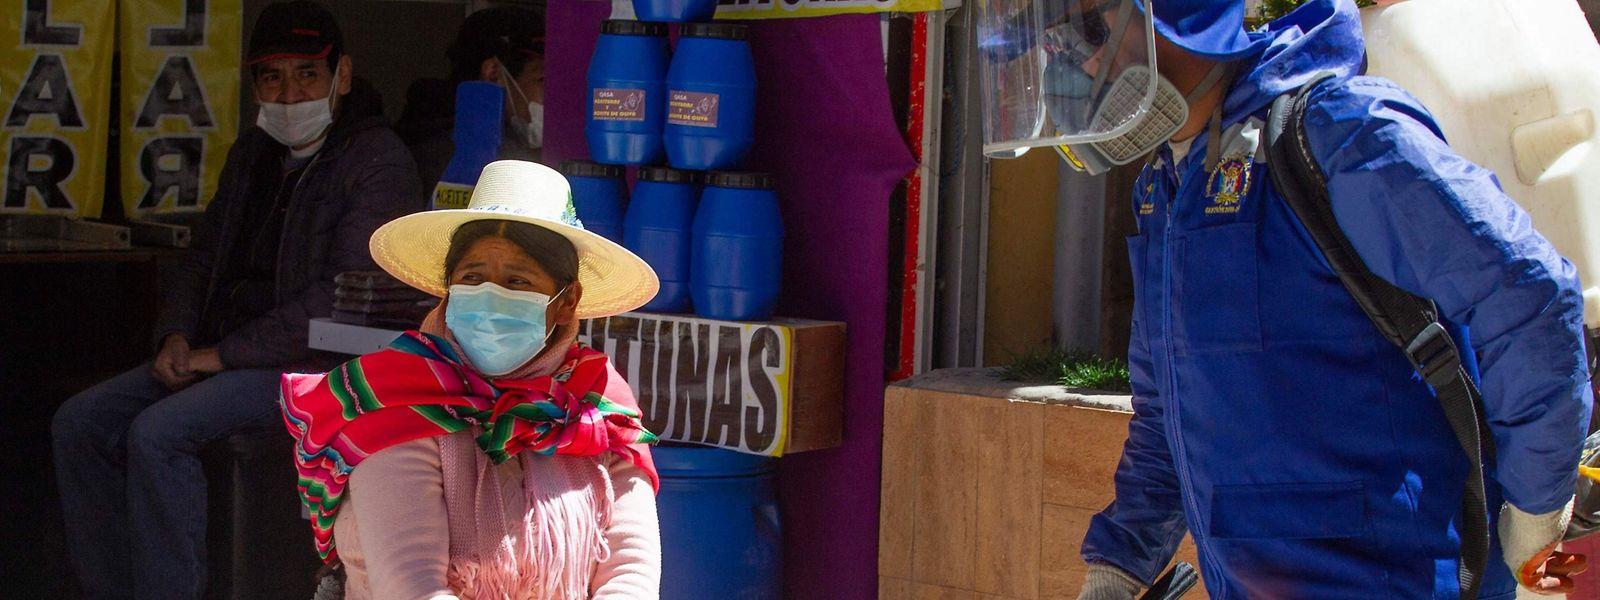 Im peruanischen Puno sprüht ein Arbeiter Desinfektionsmittel auf die Straße.